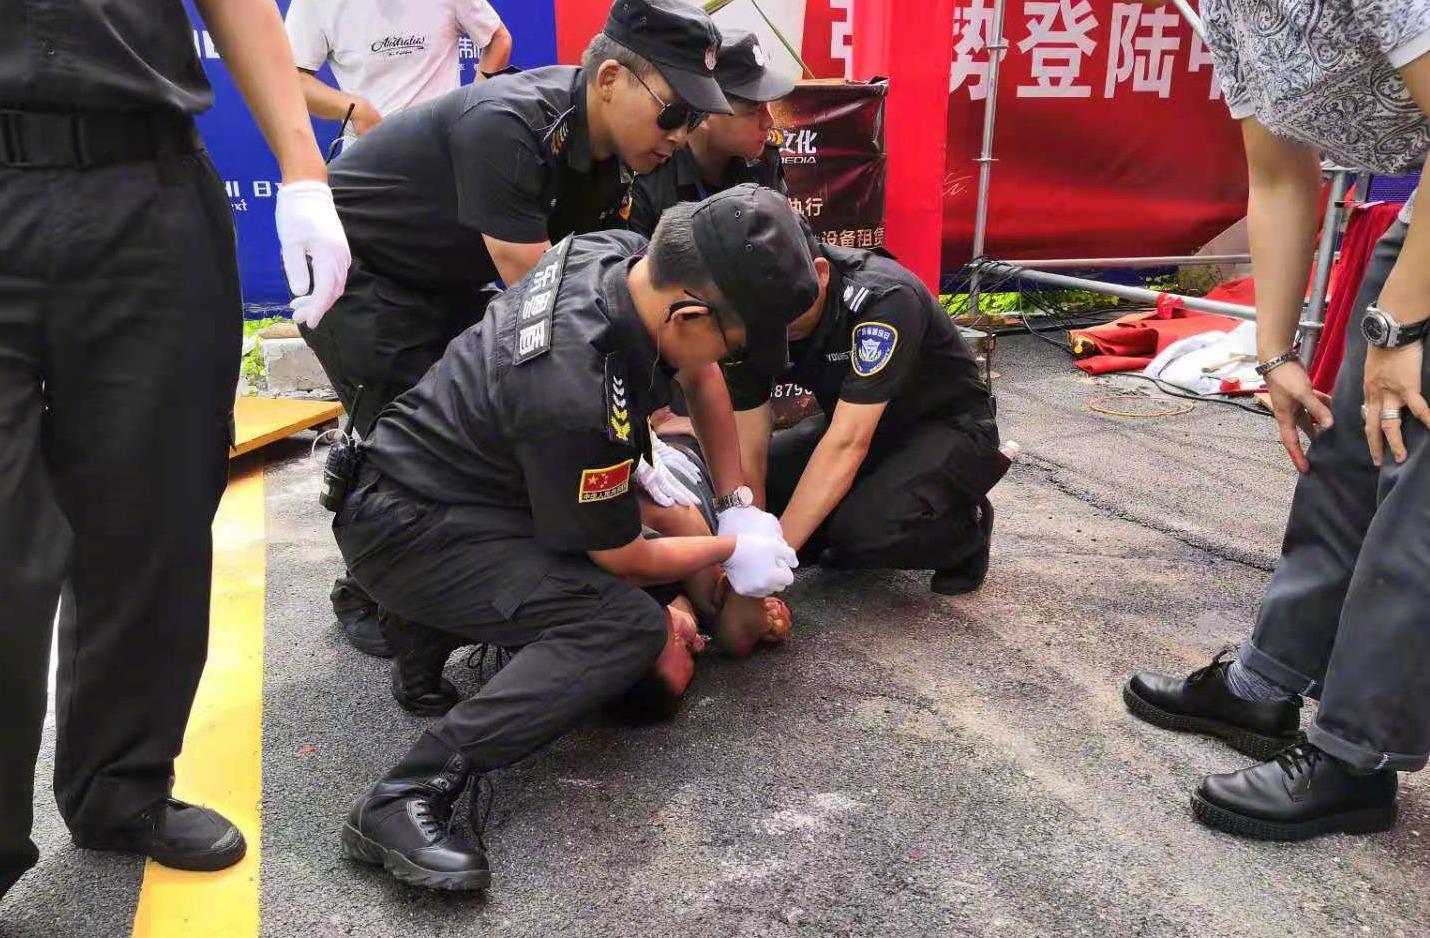 警方通报任达华被捅案:嫌疑人被擒 伤者无生命危险